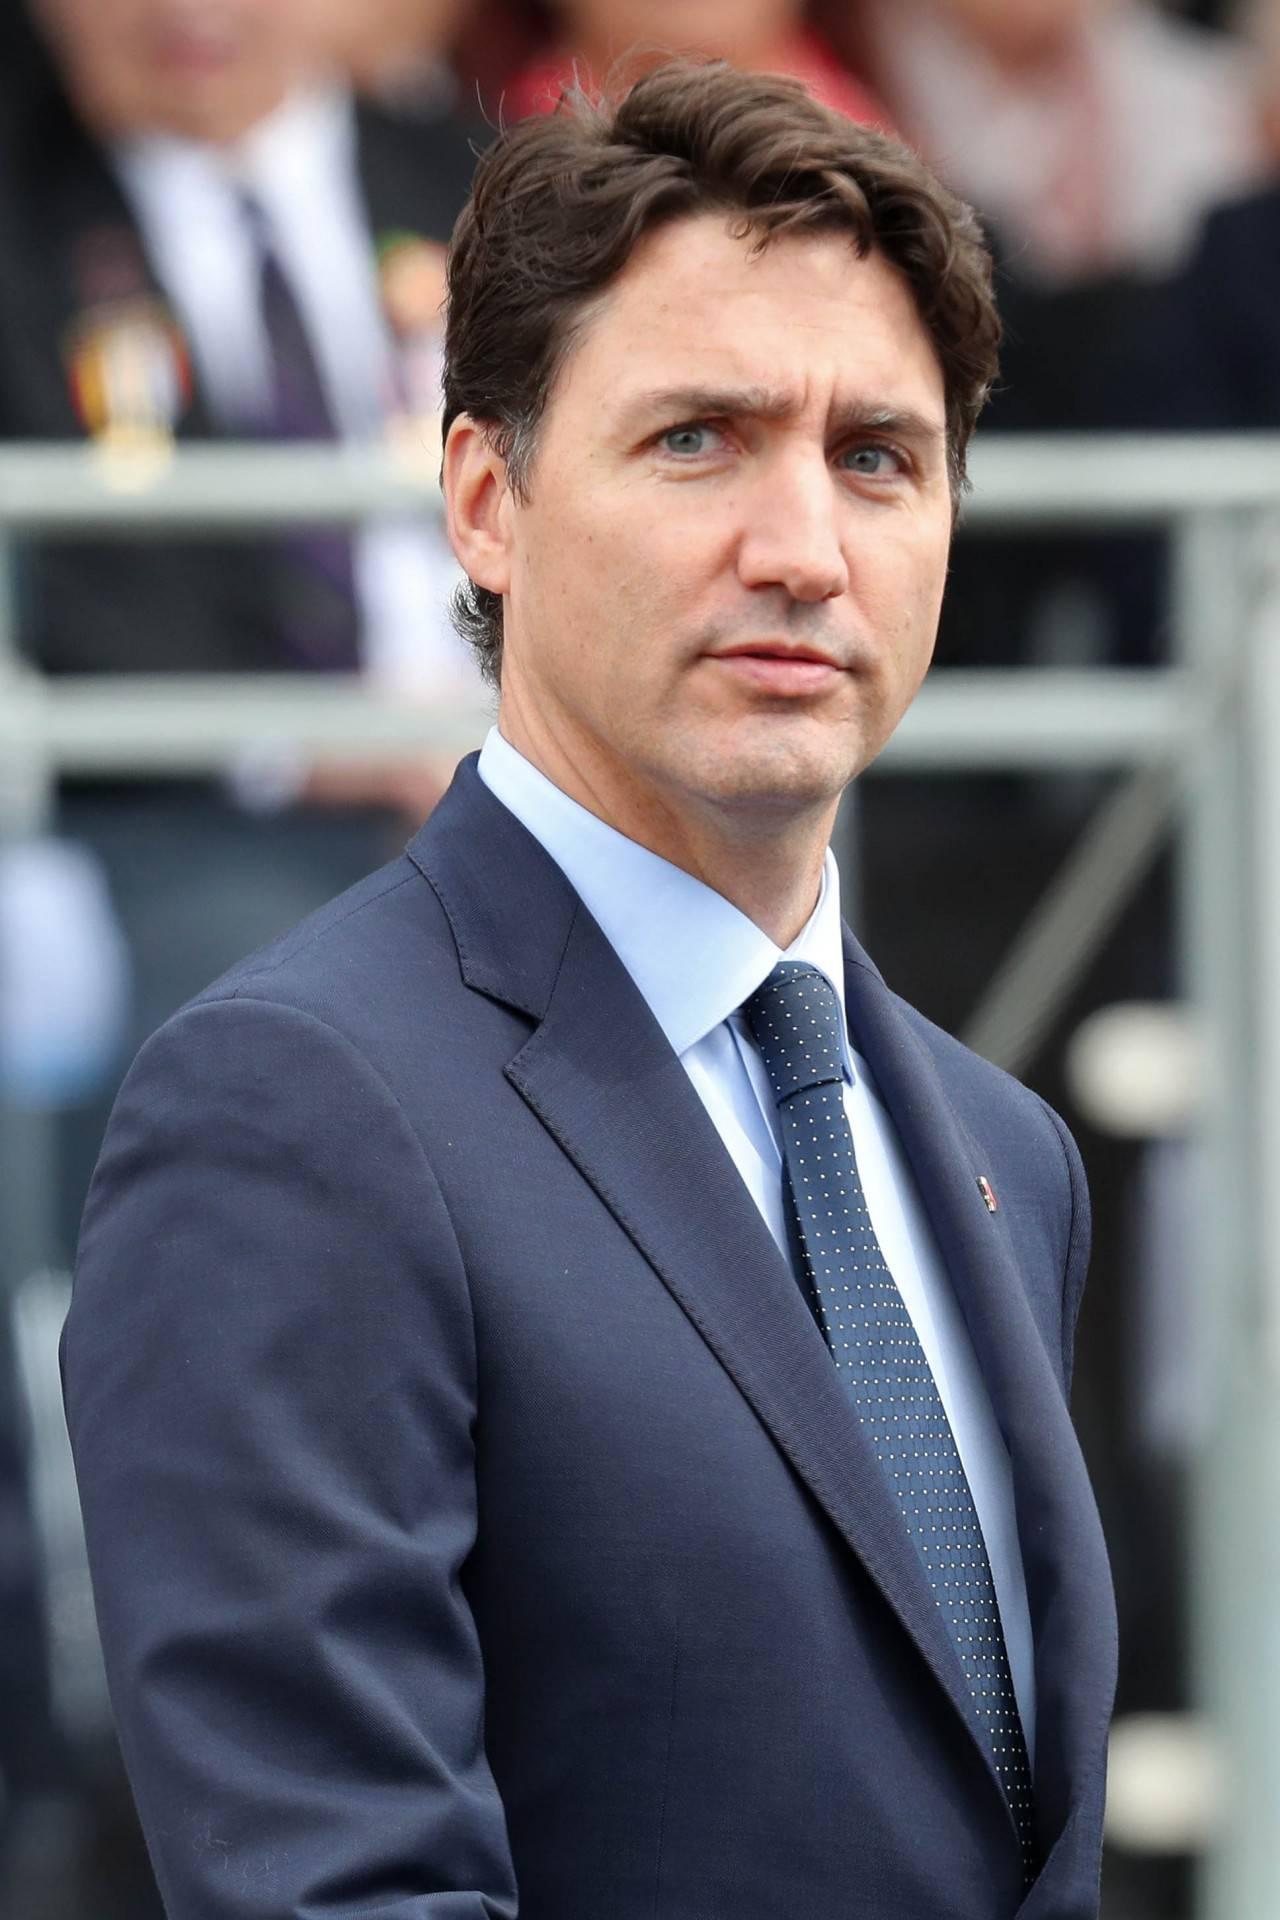 Justin Trudeau na uroczystościach w Wielkiej Brytanii, Czerwiec 2019